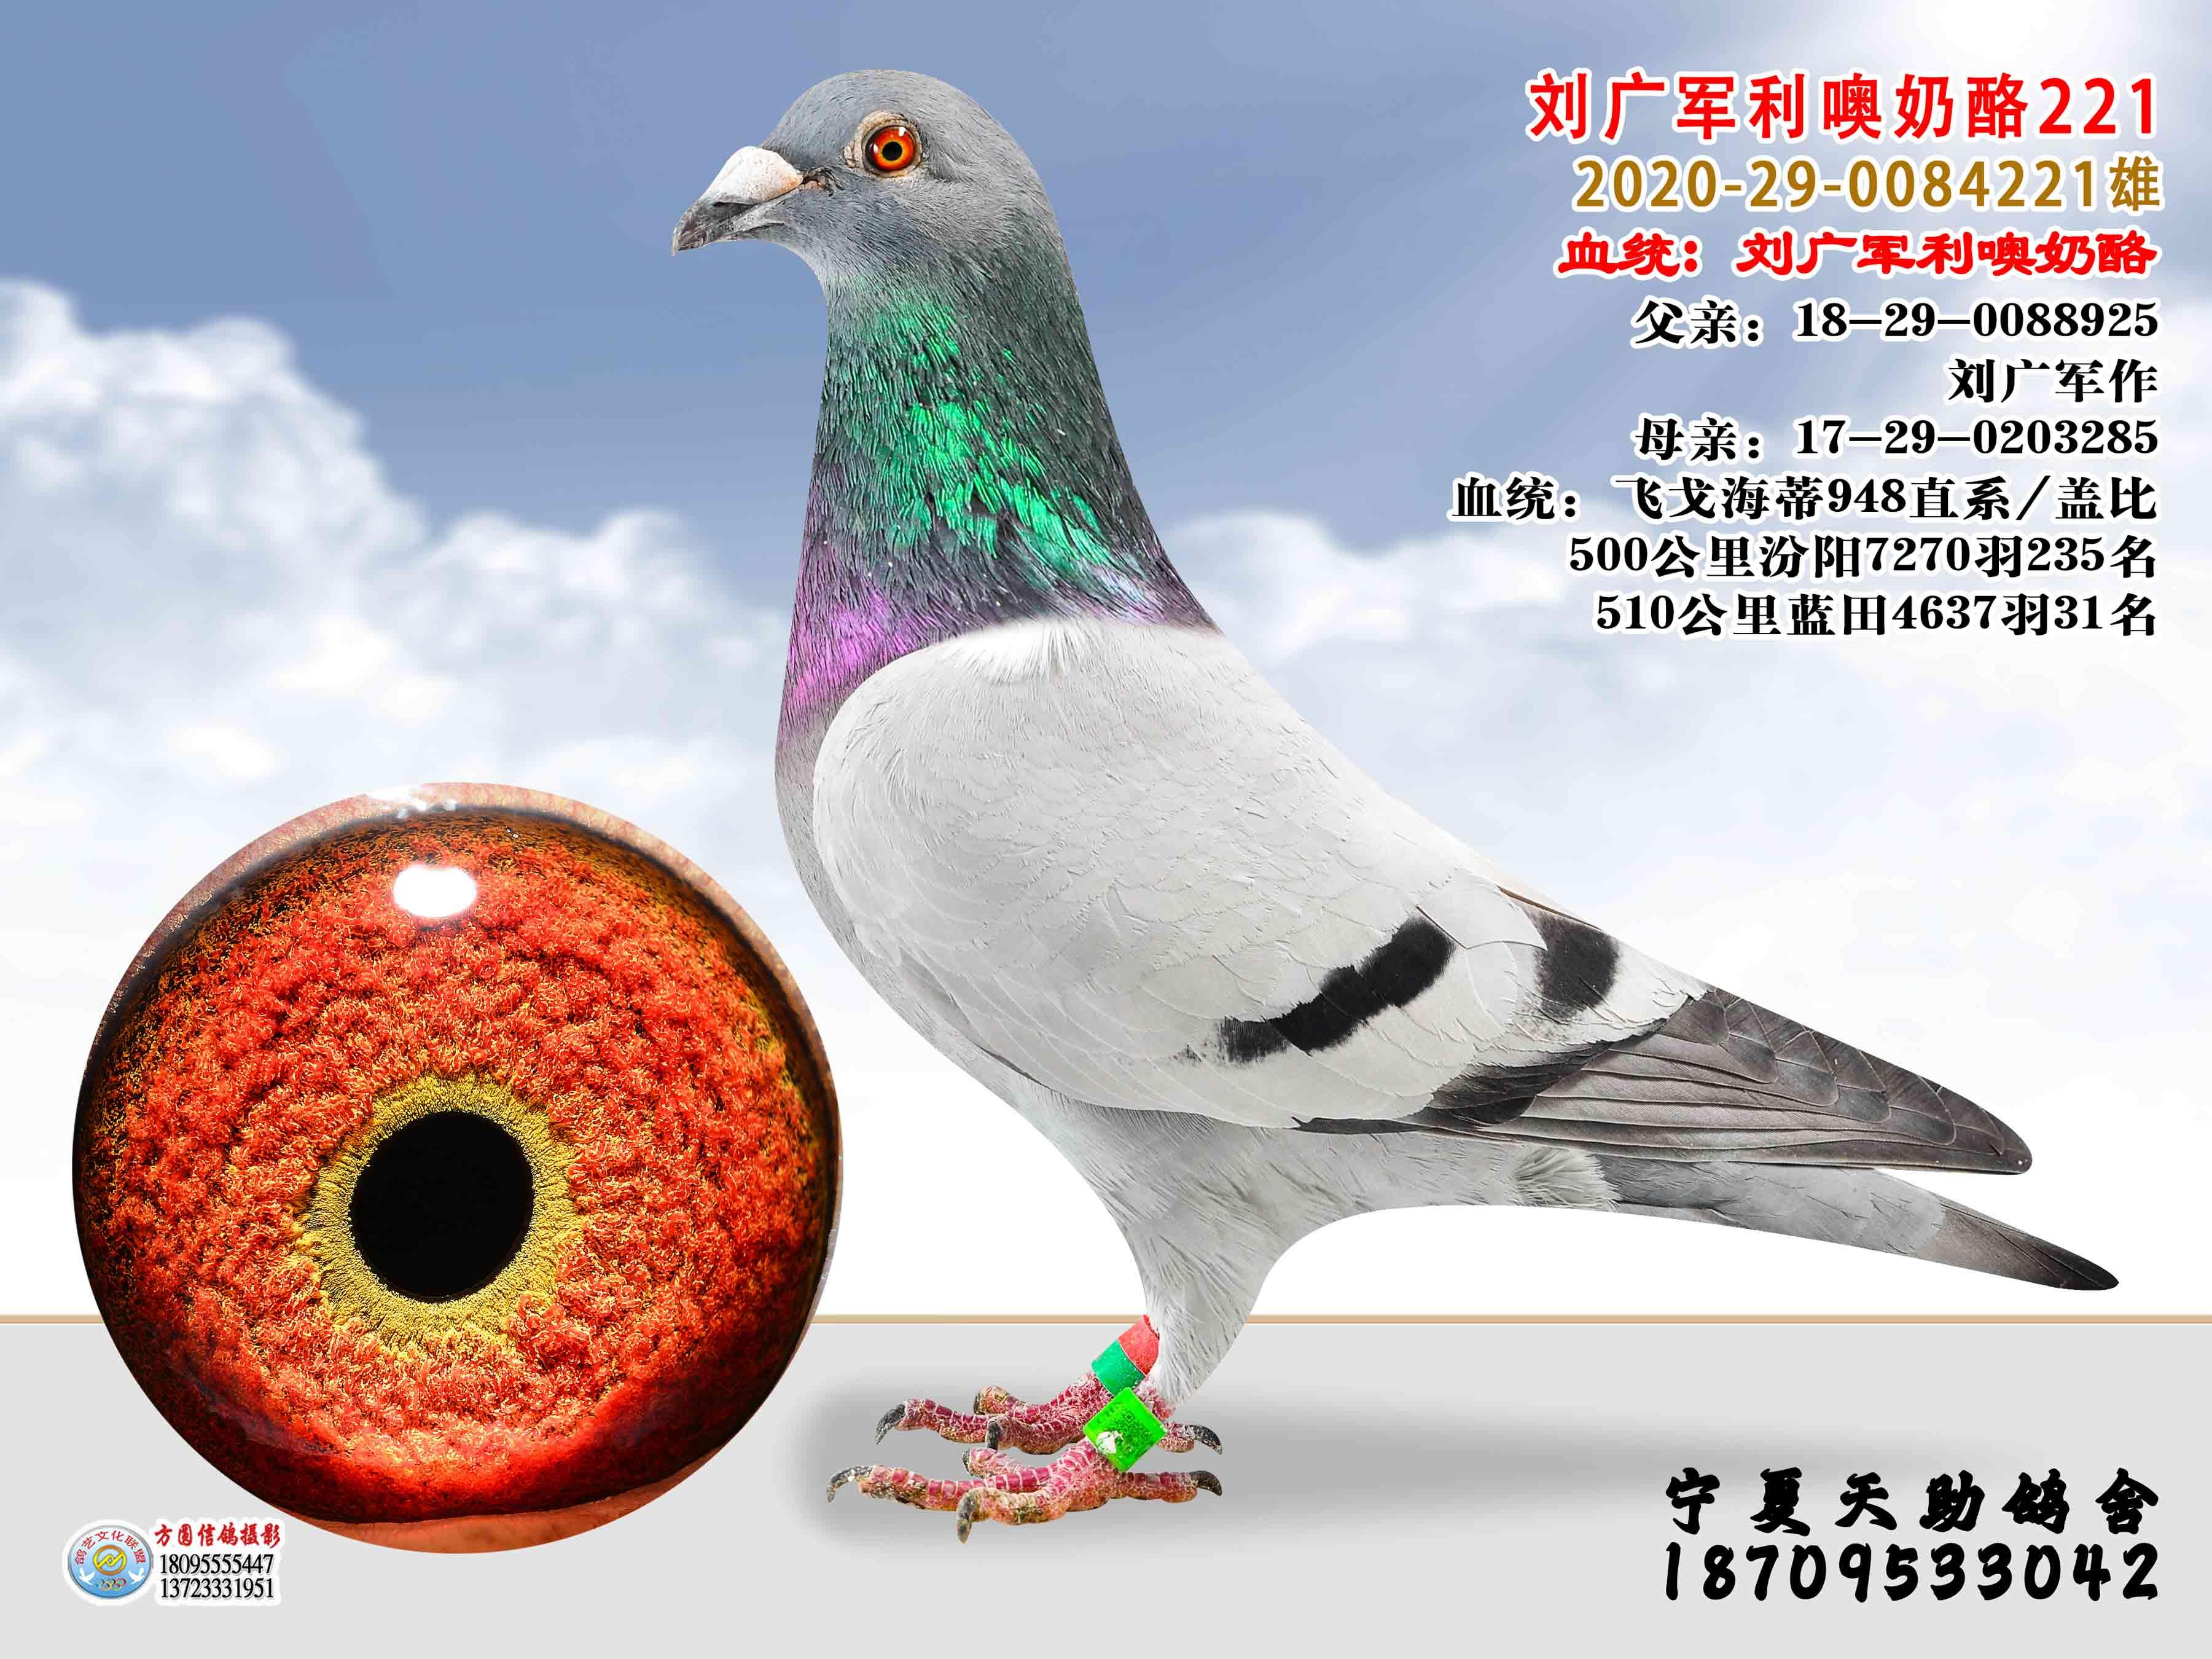 刘广军利噢奶酪221